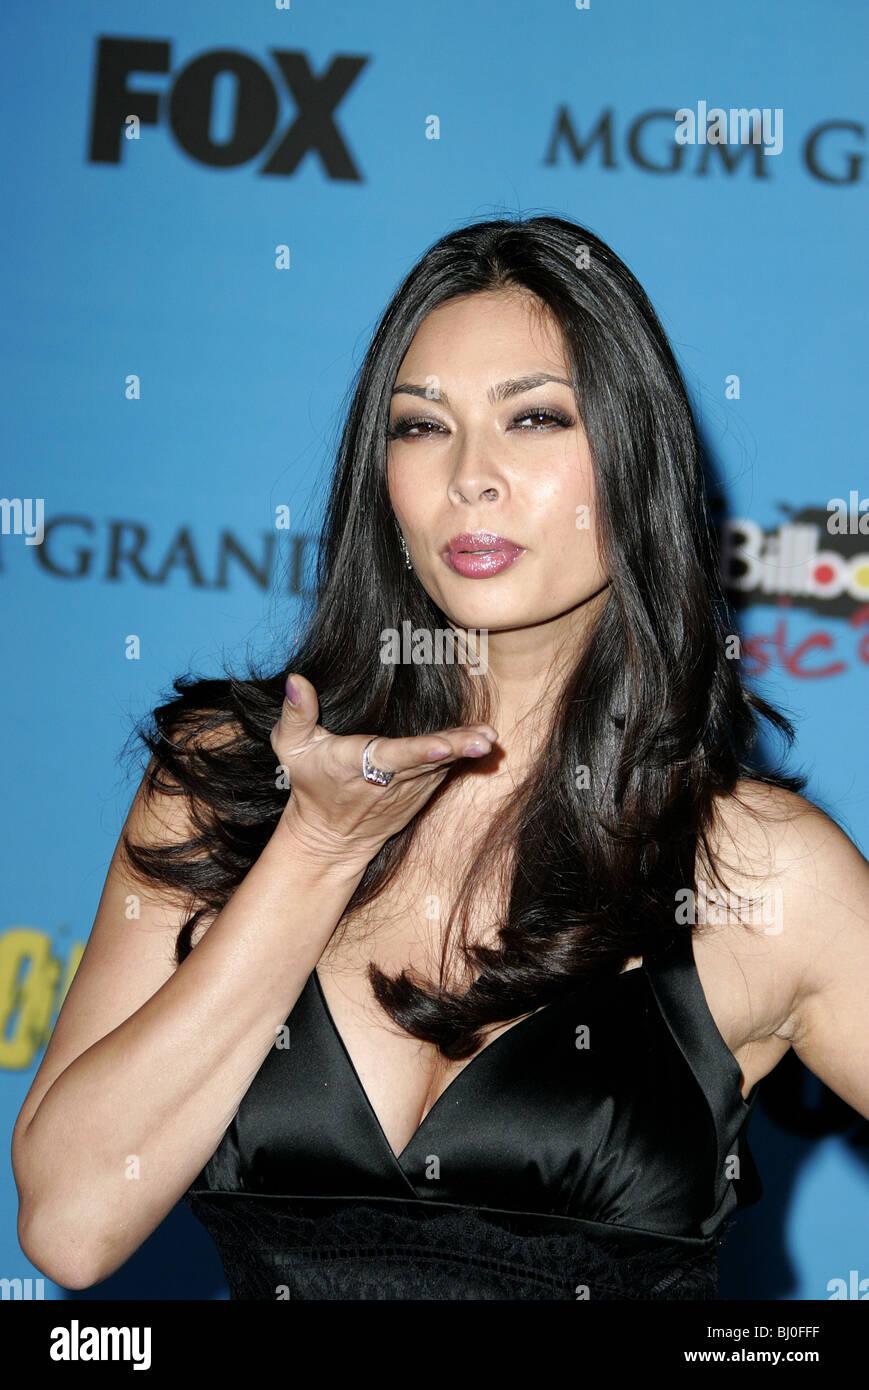 TARA PATRICK ACTRESS MGM GRAND ARENA  LAS VEGAS  USA 06/12/2005 - Stock Image